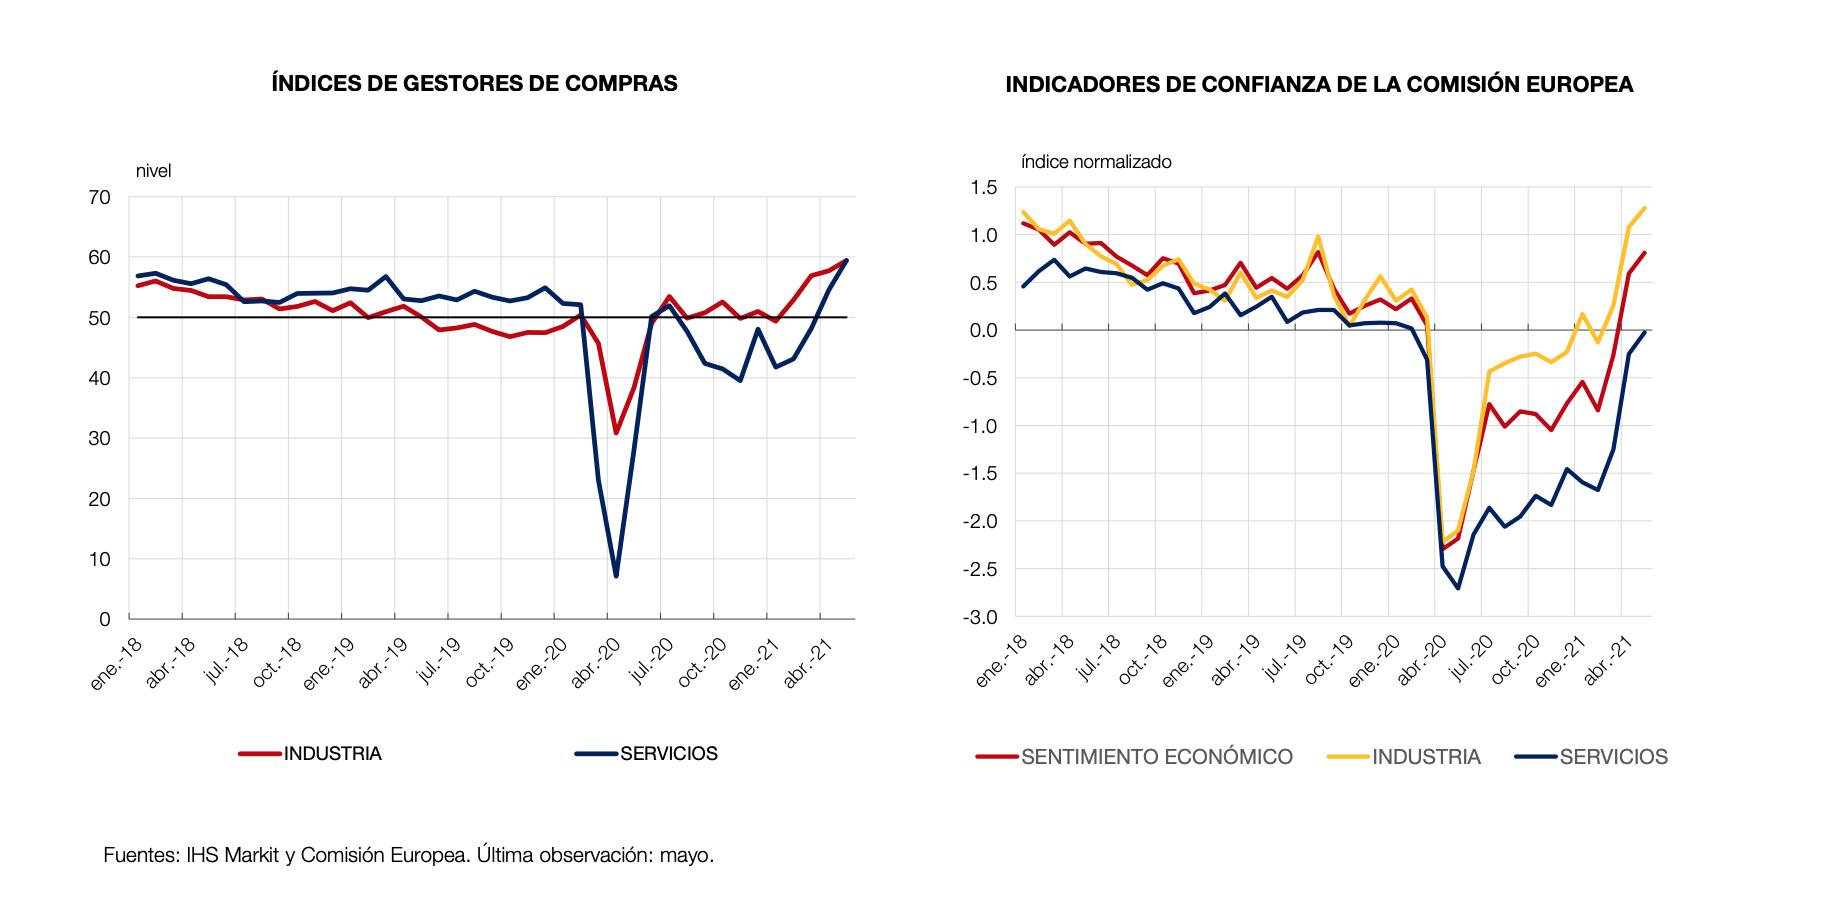 informe-junio-2021-banco-de-espana-1.png